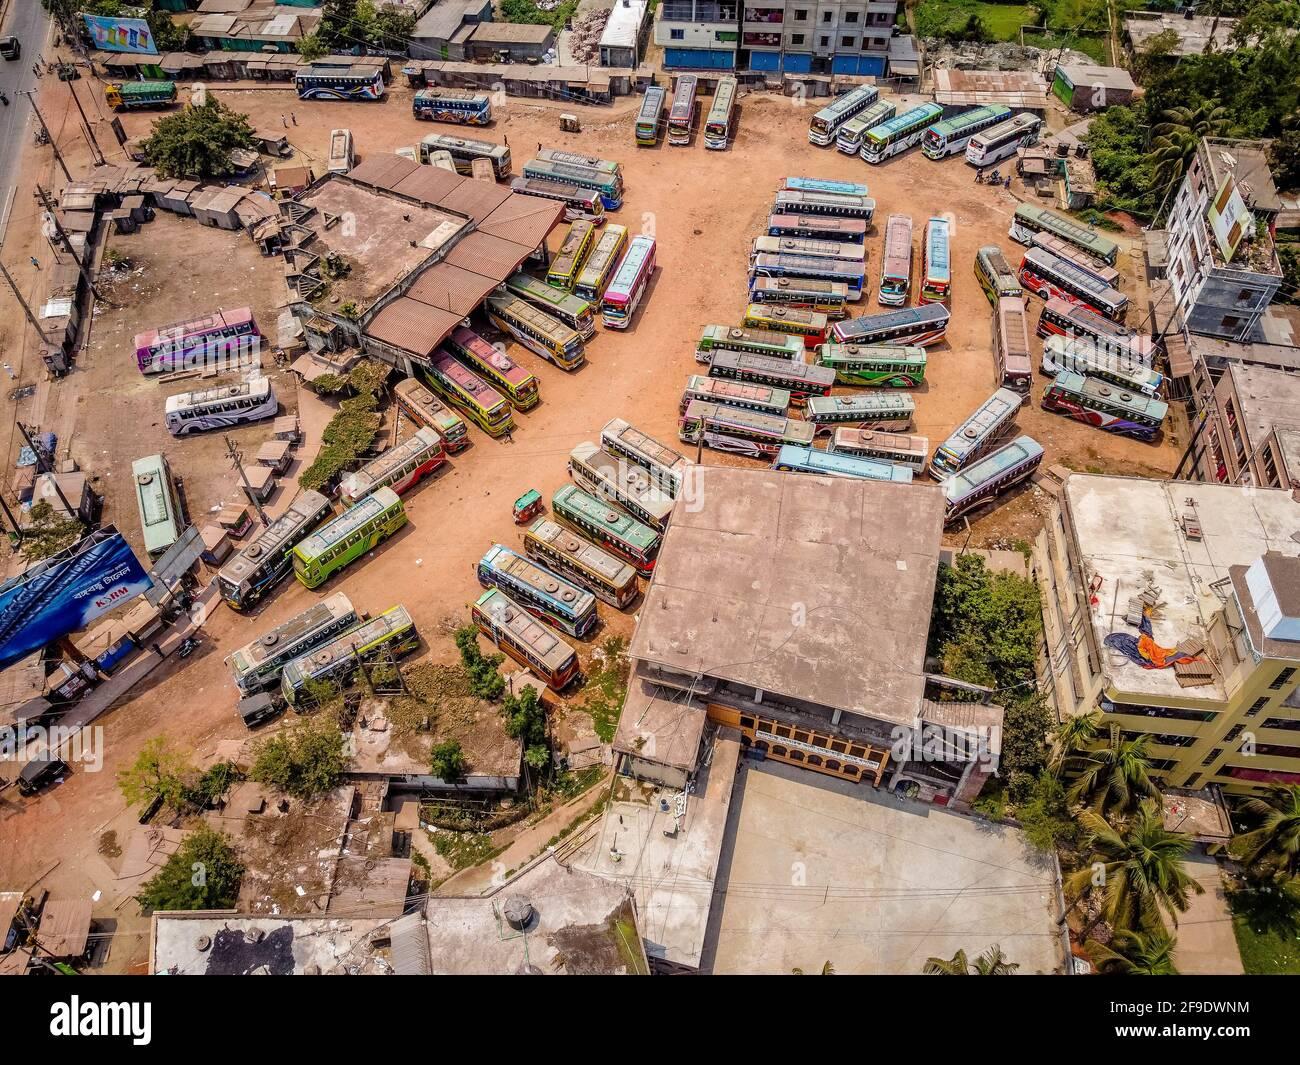 Barisal, Bangladesch. April 2021. Eine Luftaufnahme des Rupatoli Bus Terminals in Barisal, da die Busse während einer strikten Sperre, die von den Behörden von Bangladesch zur Bekämpfung der Ausbreitung des Covid-19-Coronavirus in Barisal durchgesetzt wurde, weiterhin geparkt bleiben. (Foto: Mustasinur Rahman Alvi/Pacific Press) Quelle: Pacific Press Media Production Corp./Alamy Live News Stockfoto